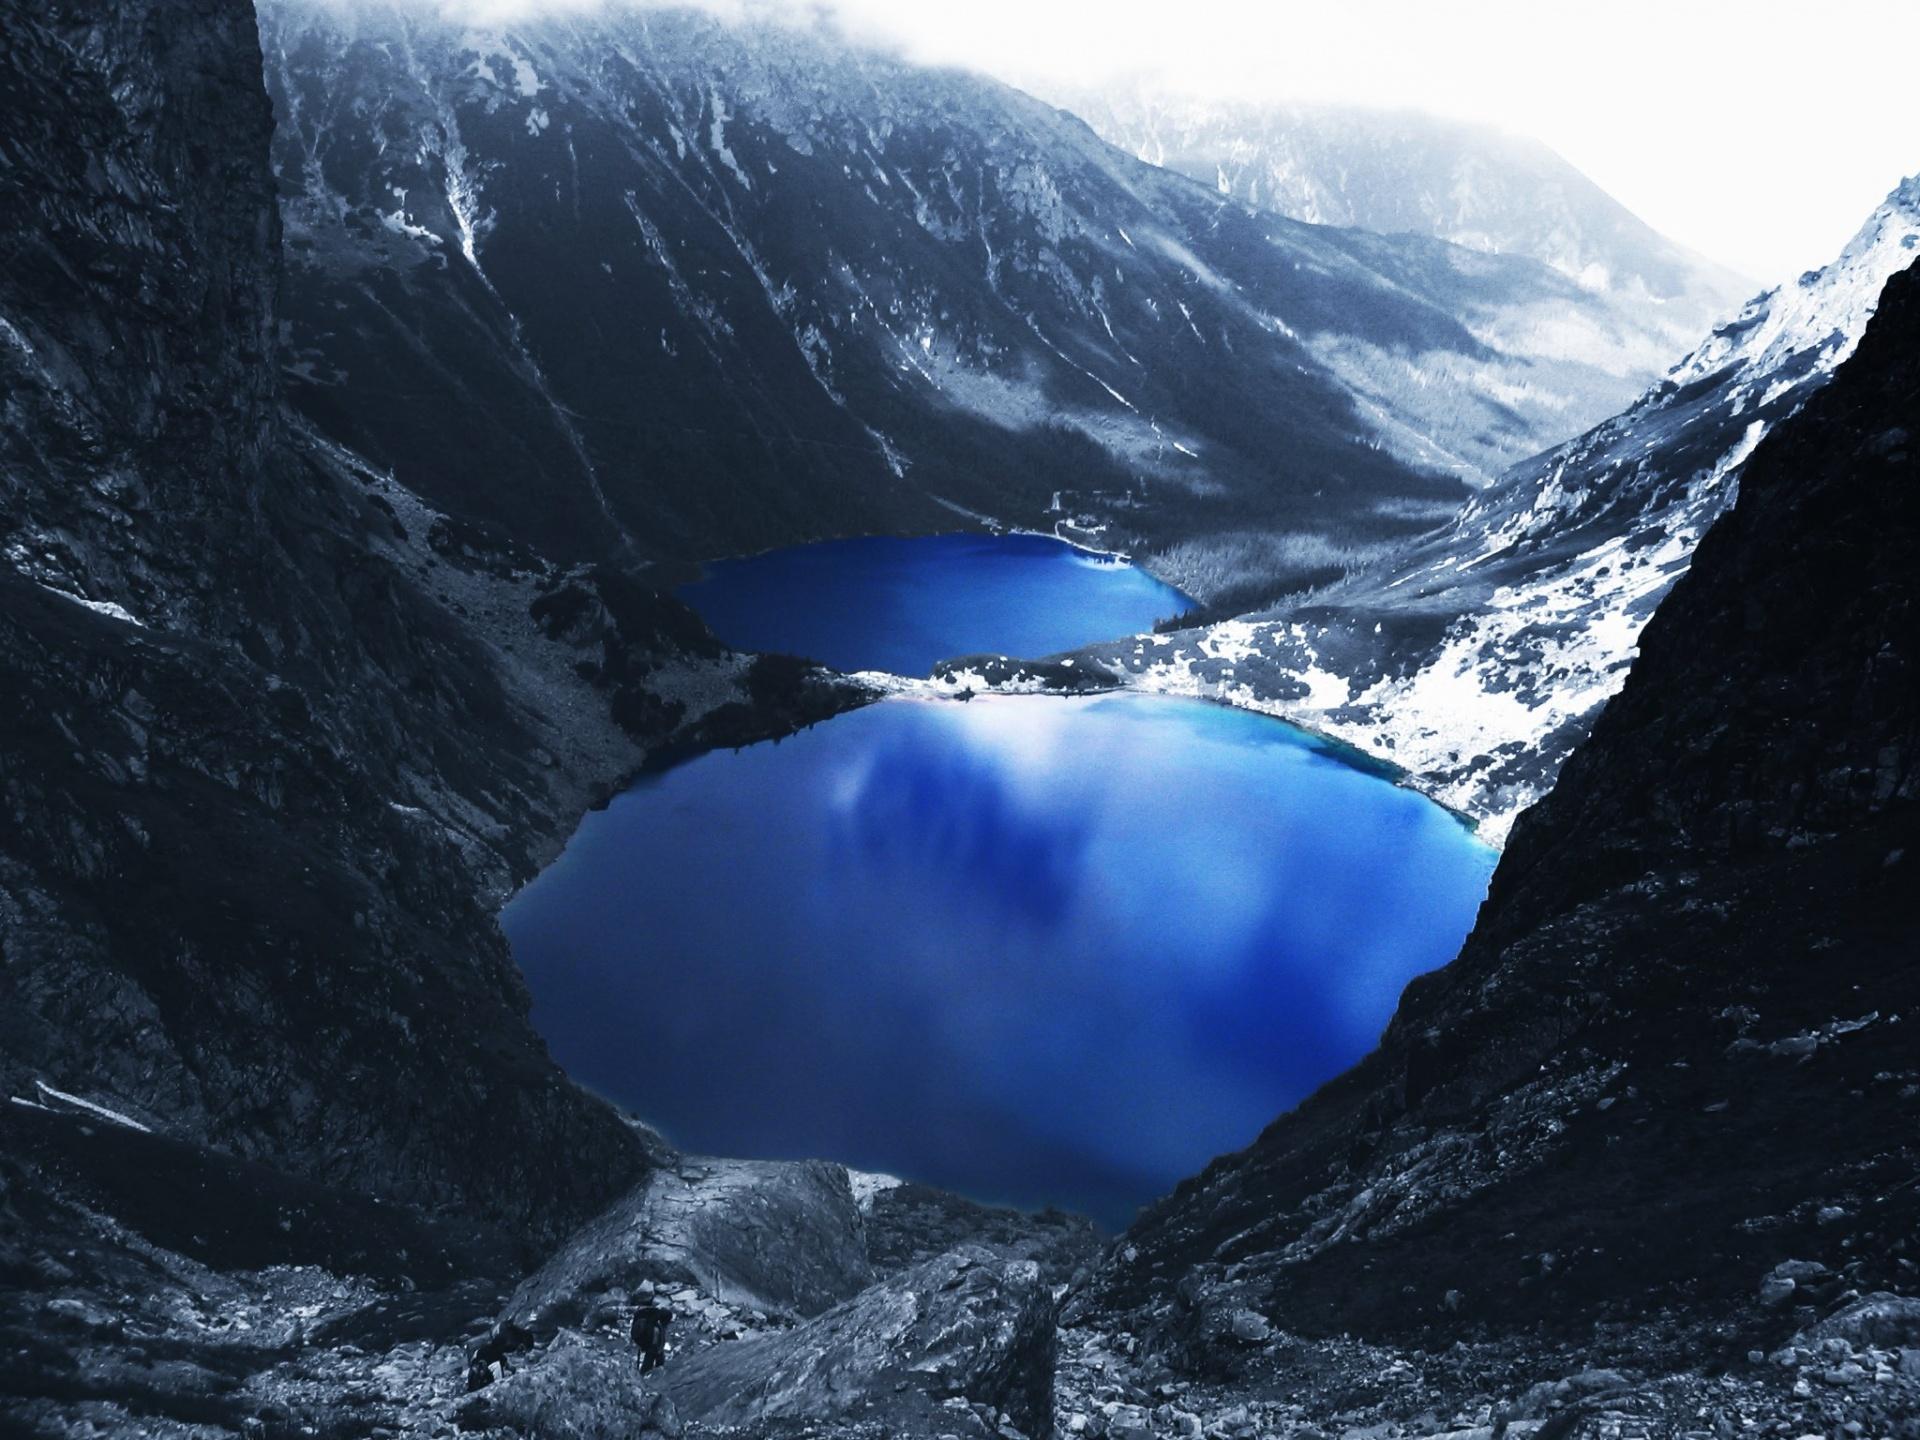 Голубое озеро в горах  № 2798886 без смс